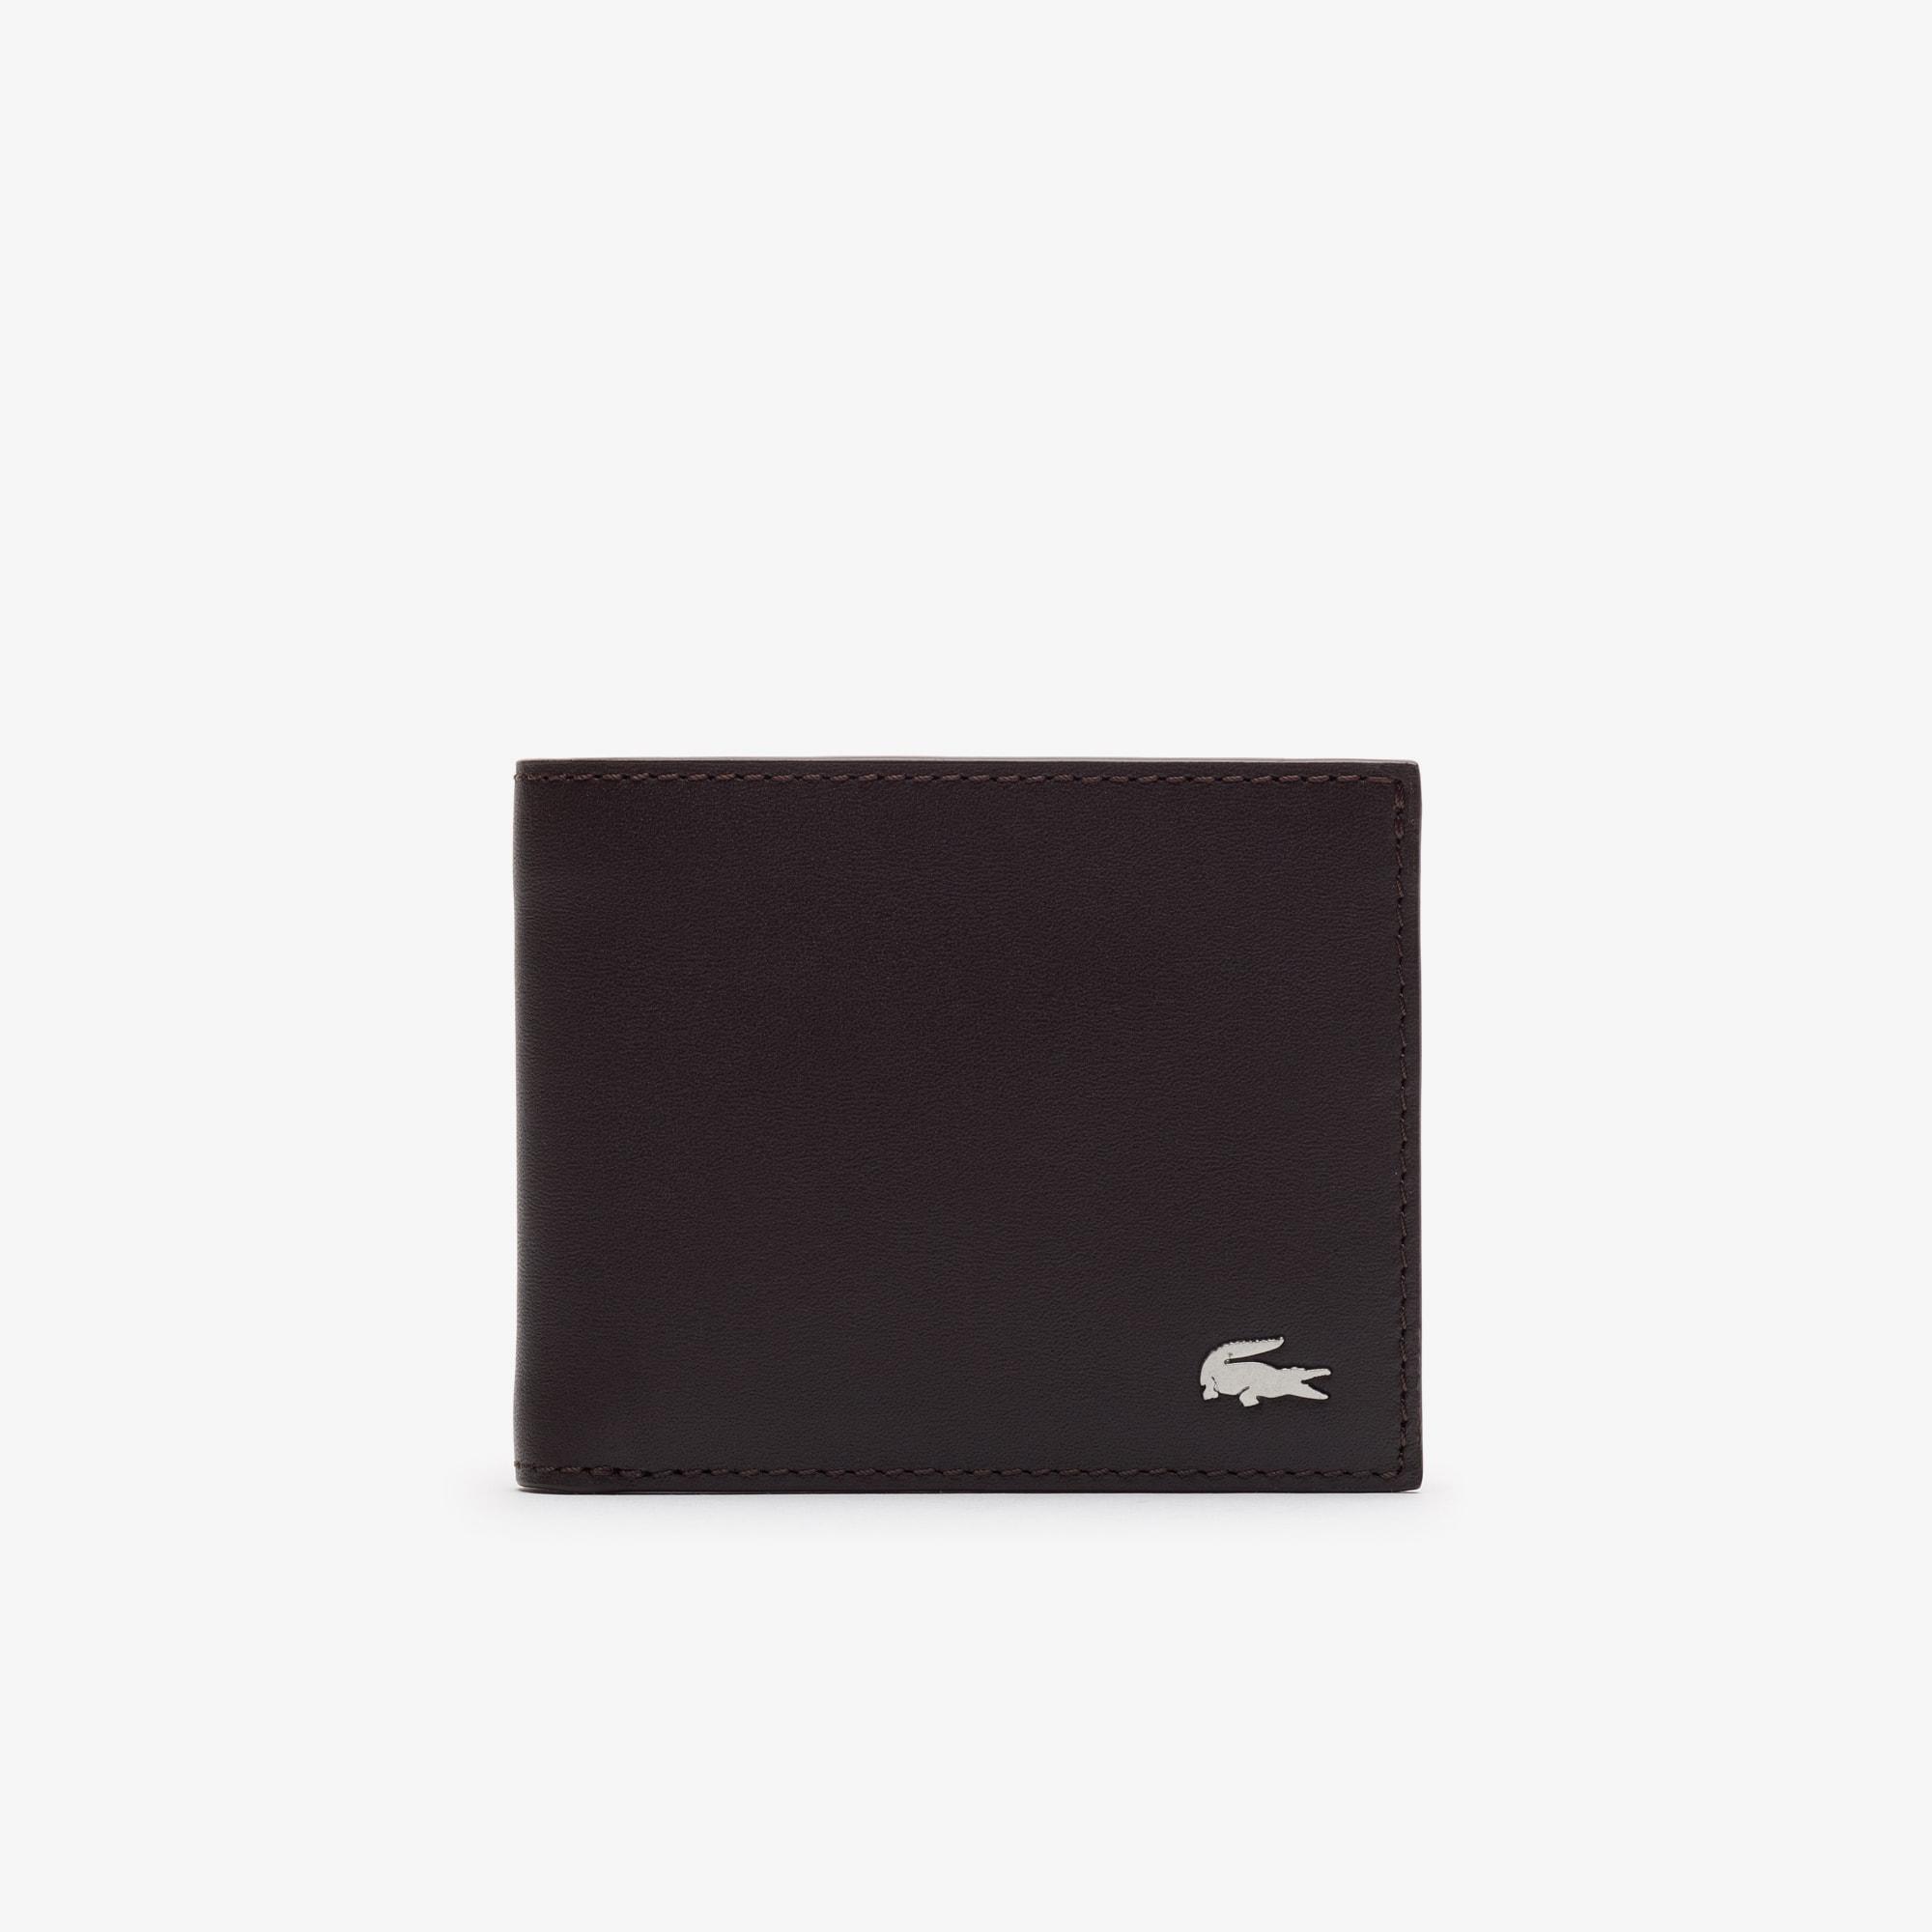 Portafoglio Fitzgerald in pelle con scomparto per carta d'identità